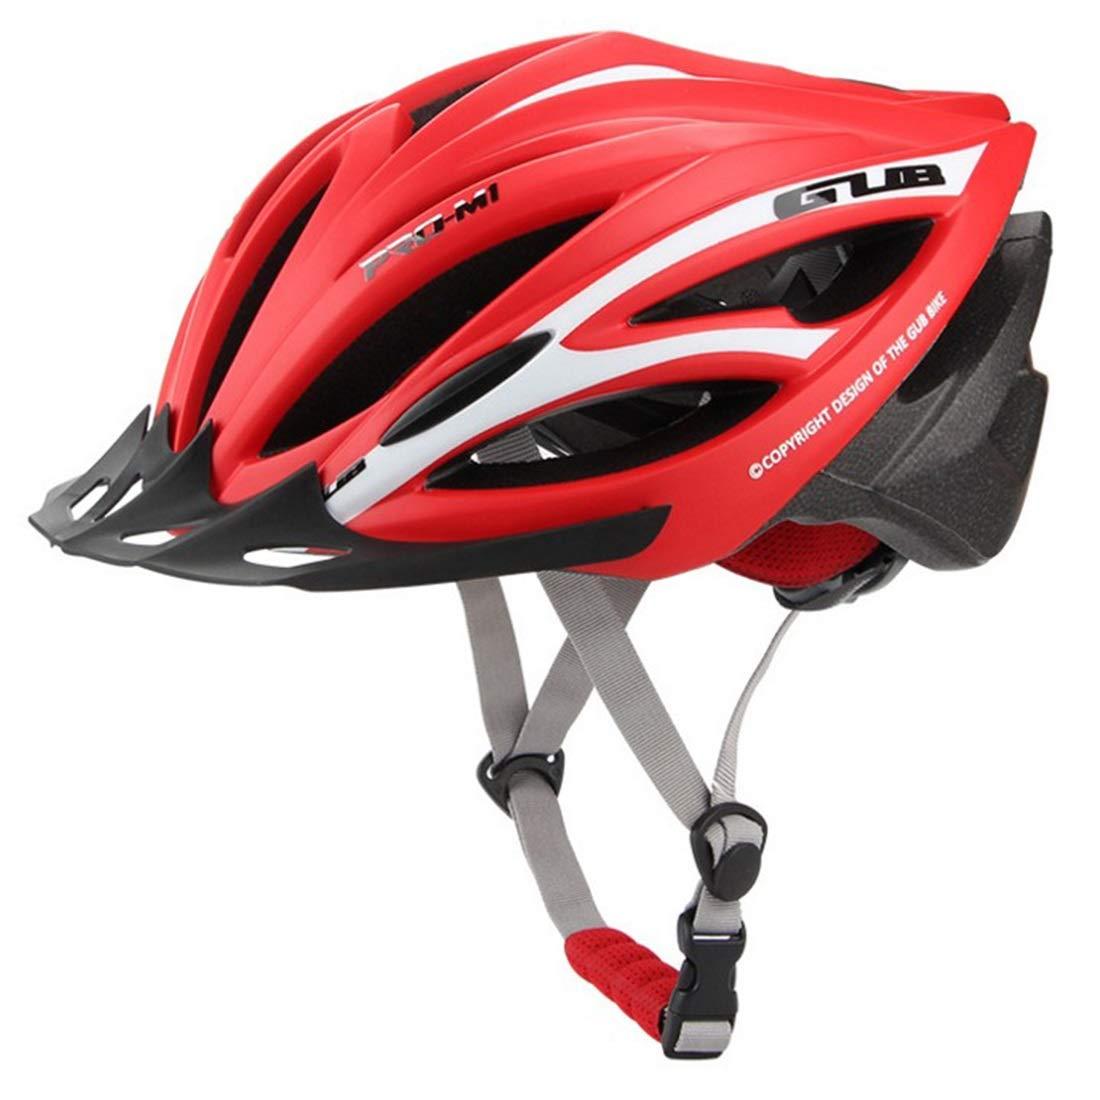 Nekovan 自転車用ヘルメット、屋外用サイクリング愛好家に最適な自転車用安全ヘルメット。 (サイズ : 03) 3  B07QHHG56S